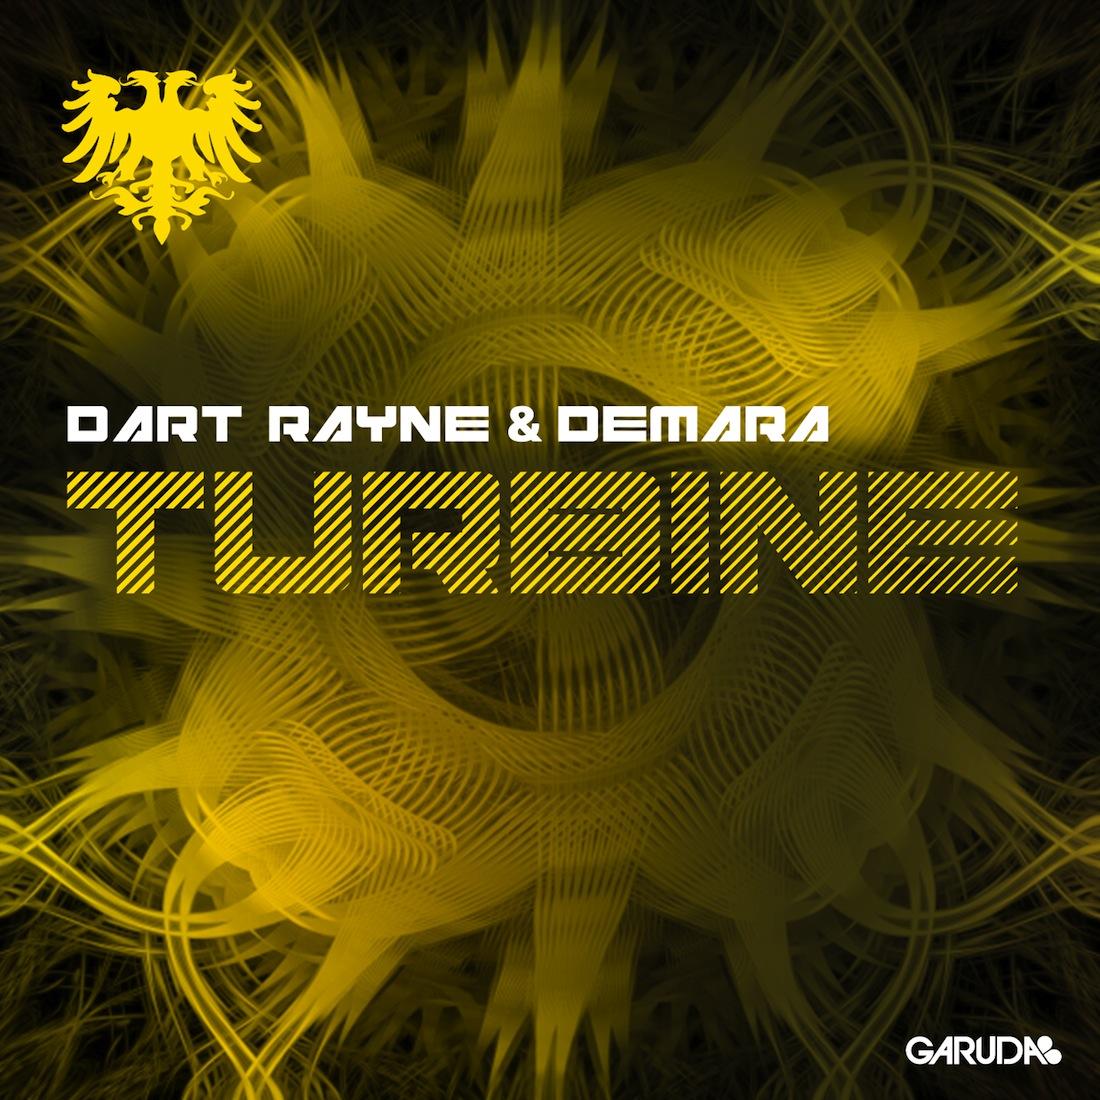 Dart Rayne & Demara Create Energy with the Fluid Flow of 'Turbine'